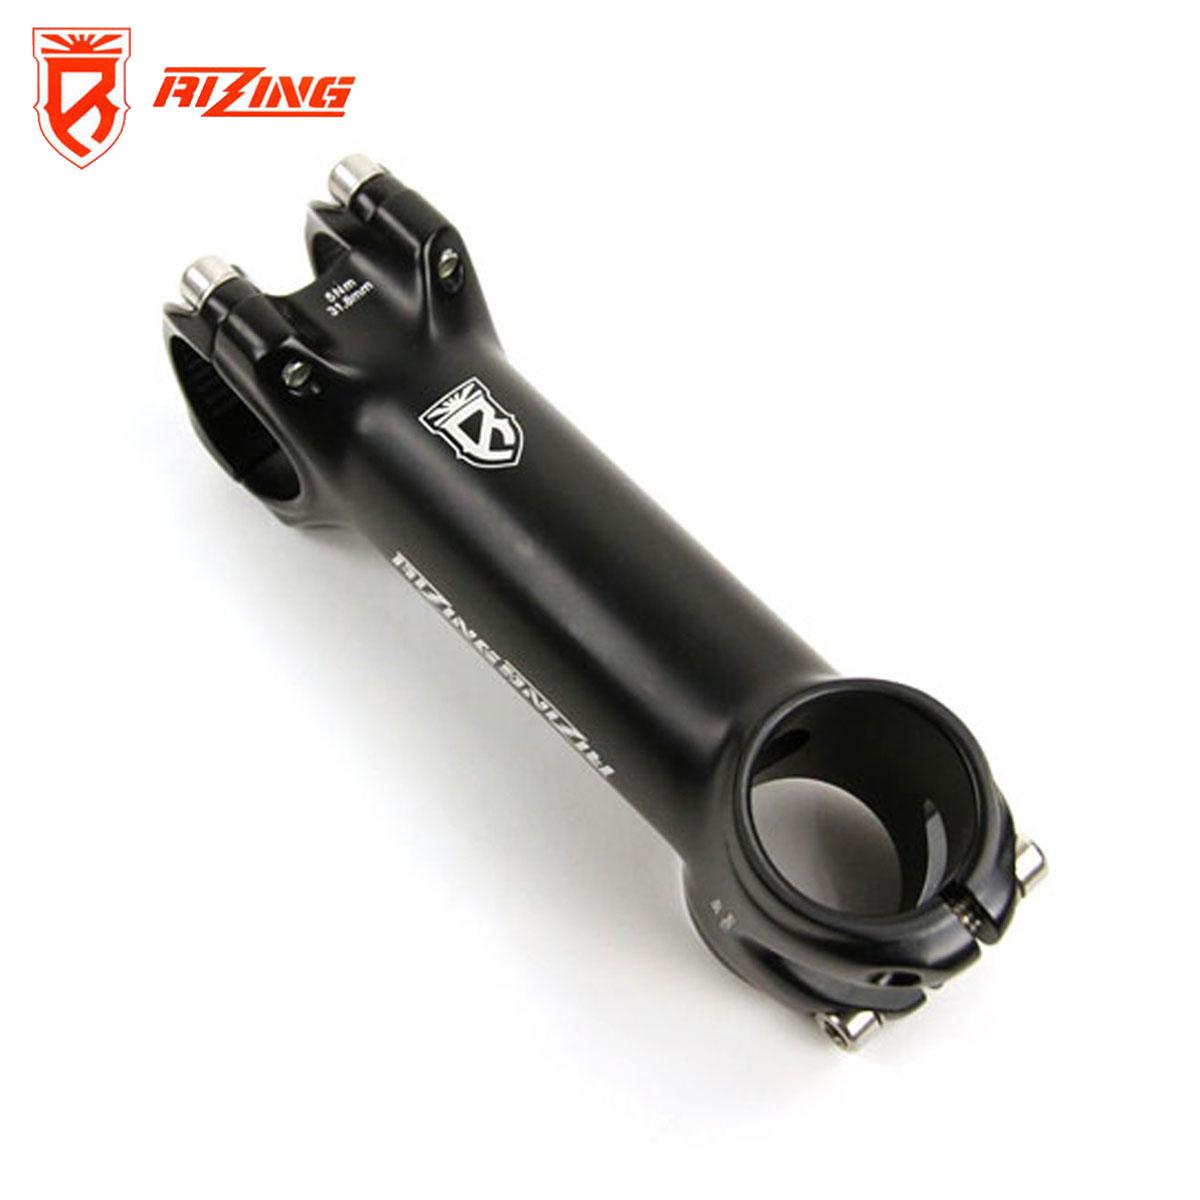 ライジング RIZING アルファステム ブラック 110mm パイ31.8mm 139g A40B B3C C6D D3E E13F